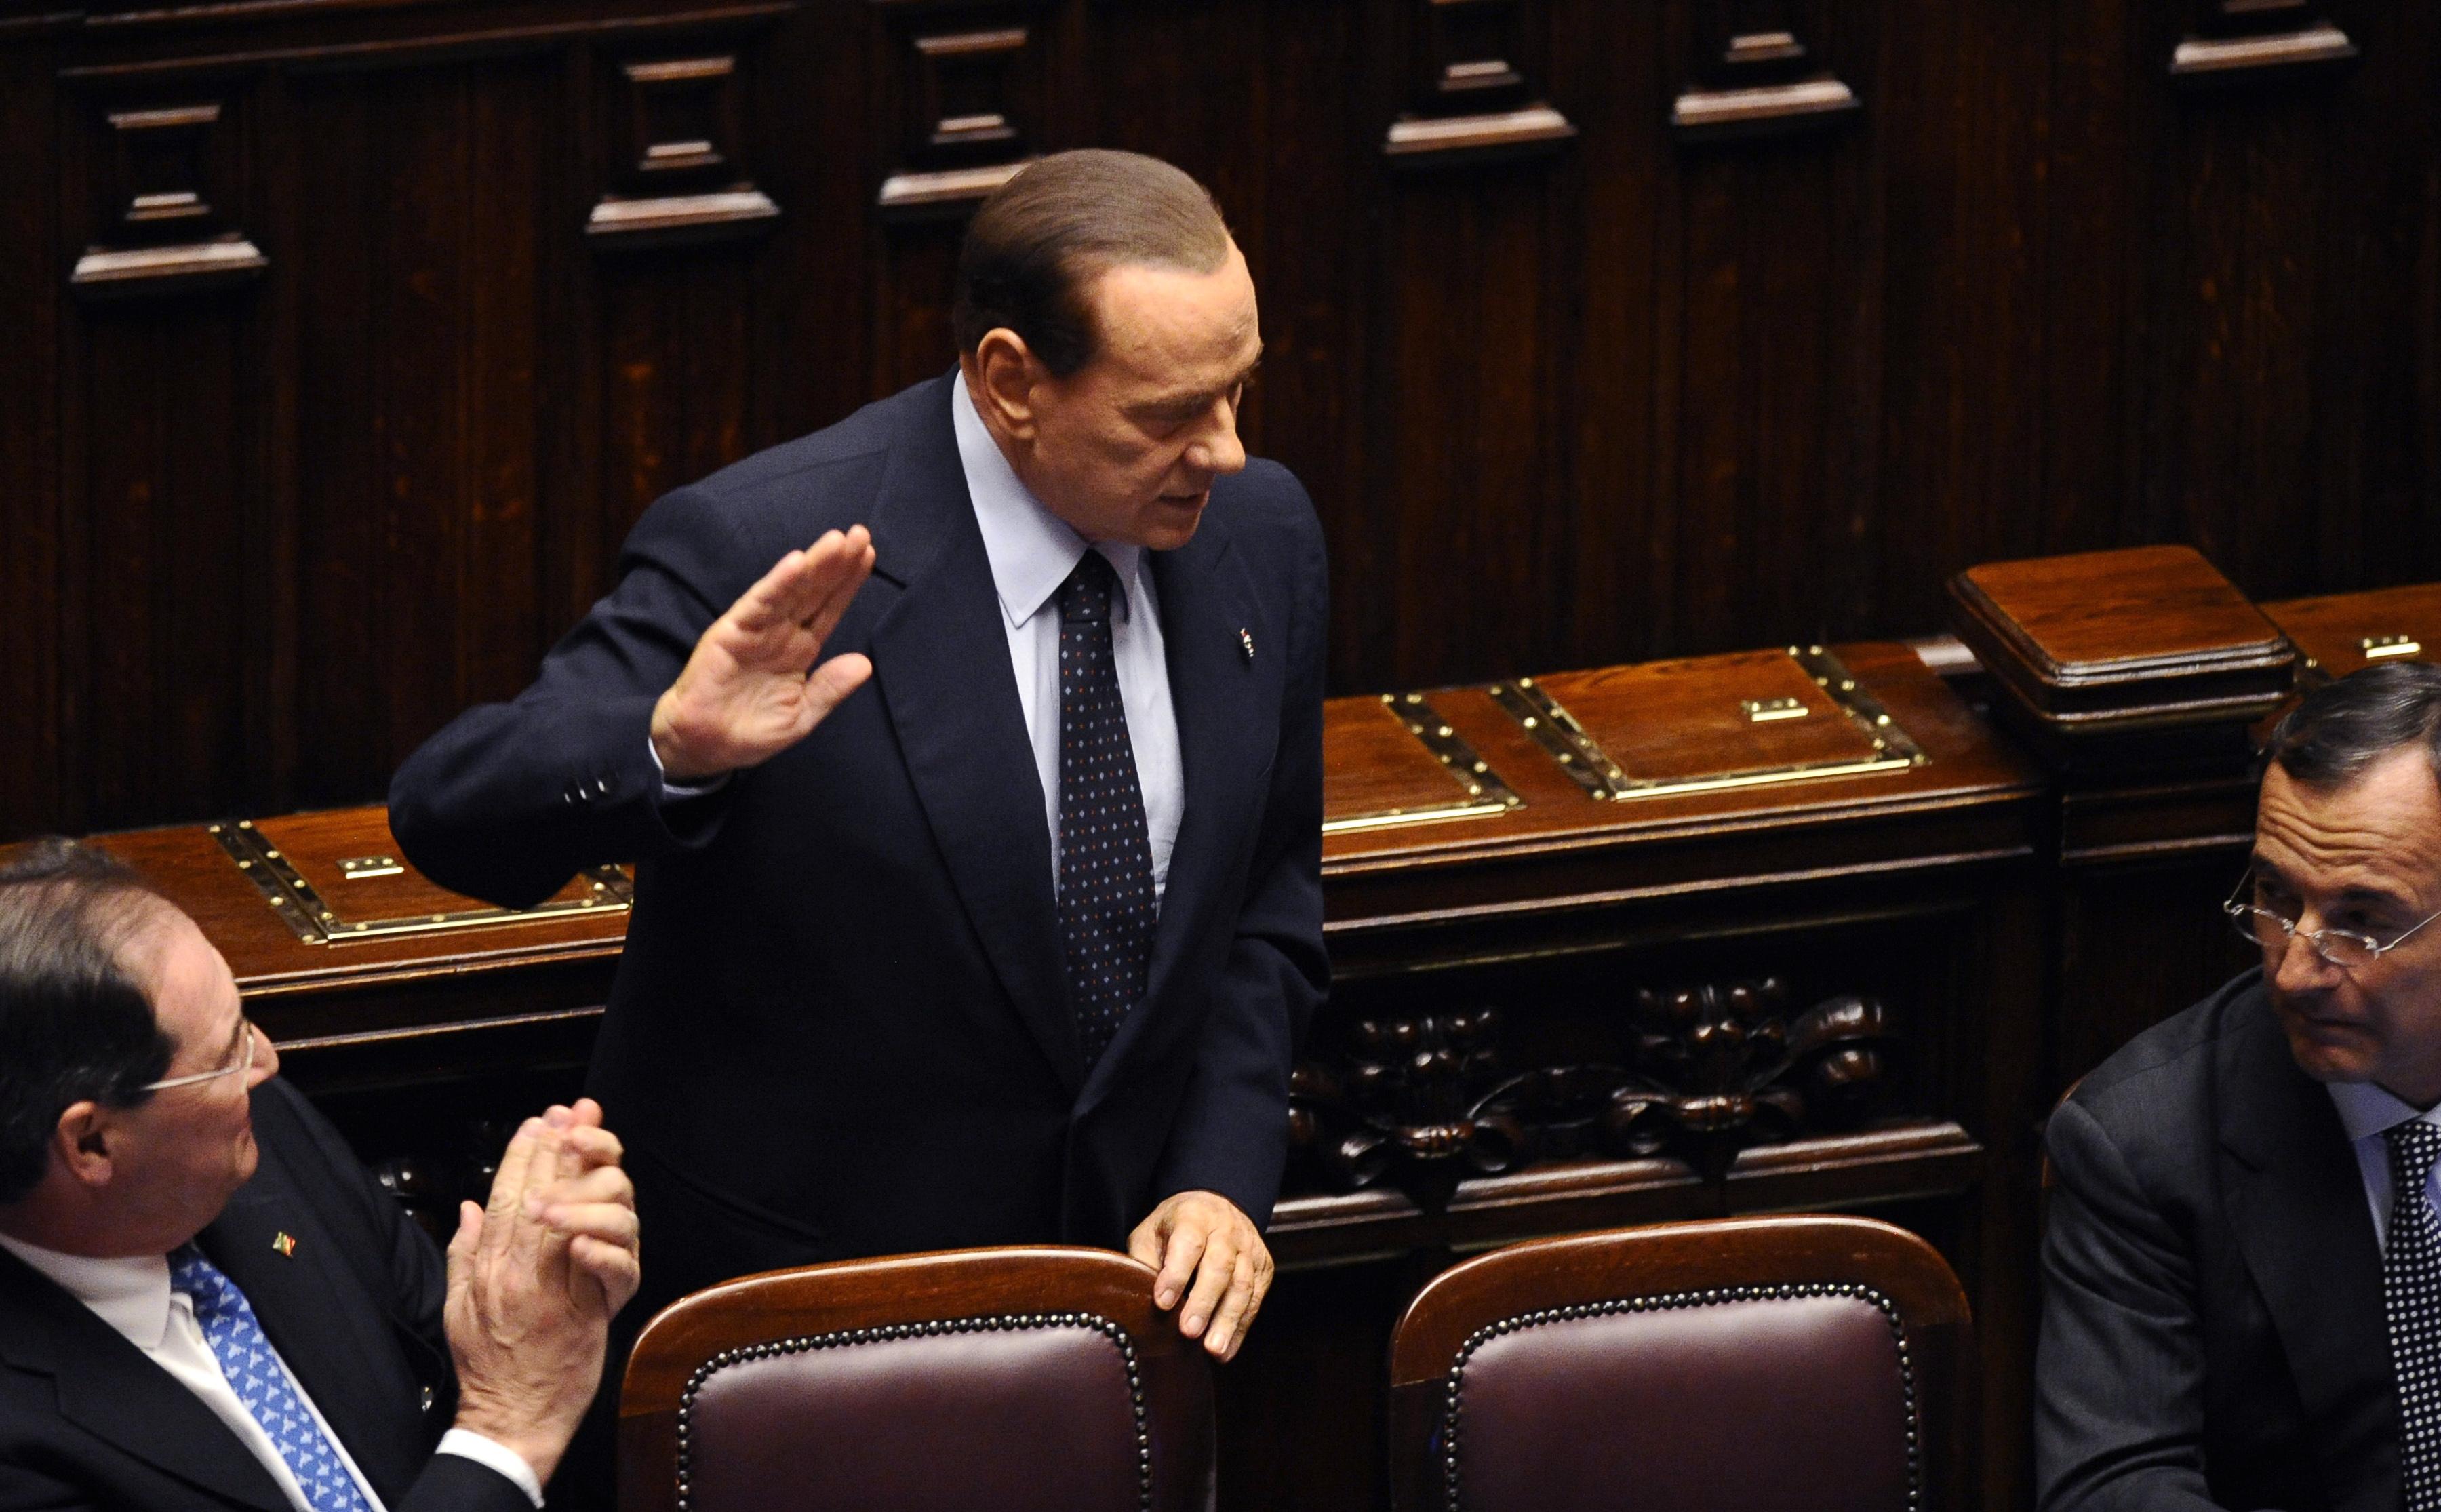 Премьер-министр Италии Сильвио Берлускони принимает аплодисменты, когда он прибыл на сессию, чтобы принять меры, которые он обещал Европейскому Союзу. 12 ноября 2011 года, парламент, Рим. В тот же день он ушел в отставку. Фото: Filippo Monteforte/Getty Im